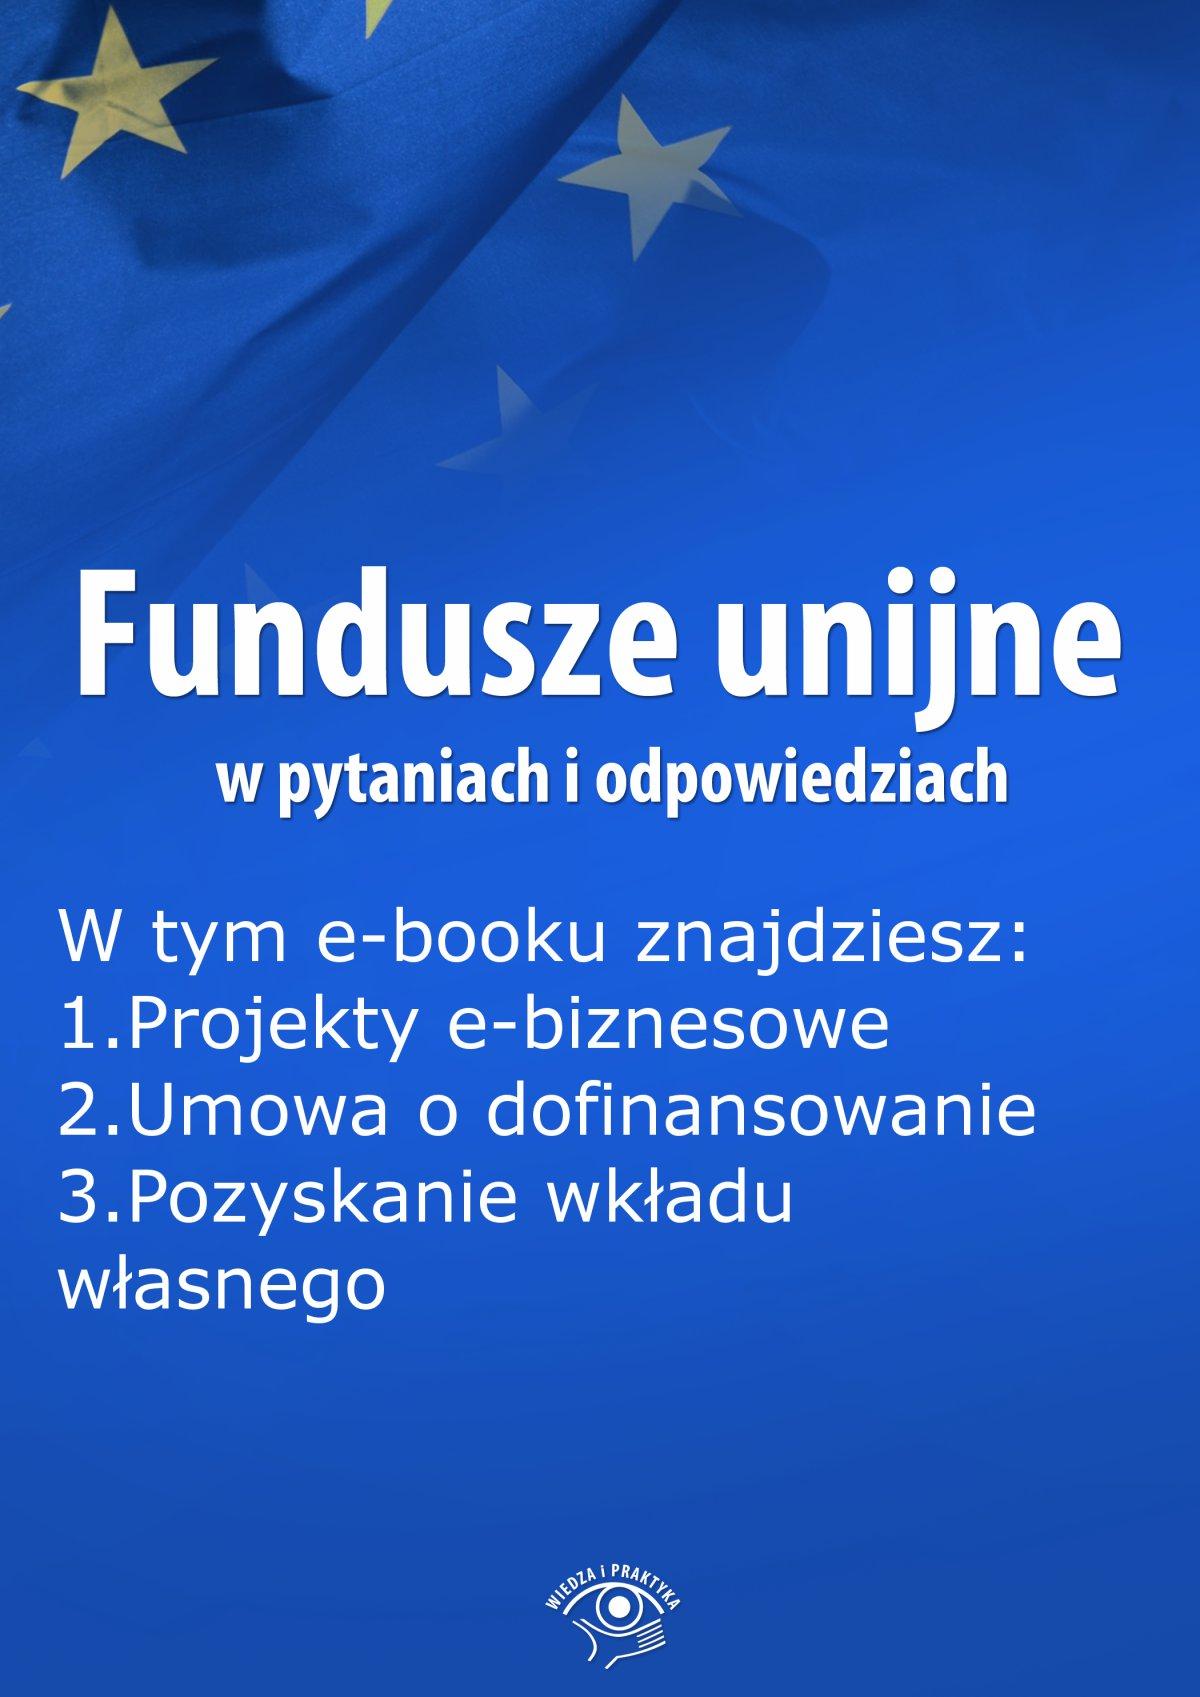 Fundusze unijne w pytaniach i odpowiedziach, wydanie lipiec 2015 r. - Ebook (Książka EPUB) do pobrania w formacie EPUB